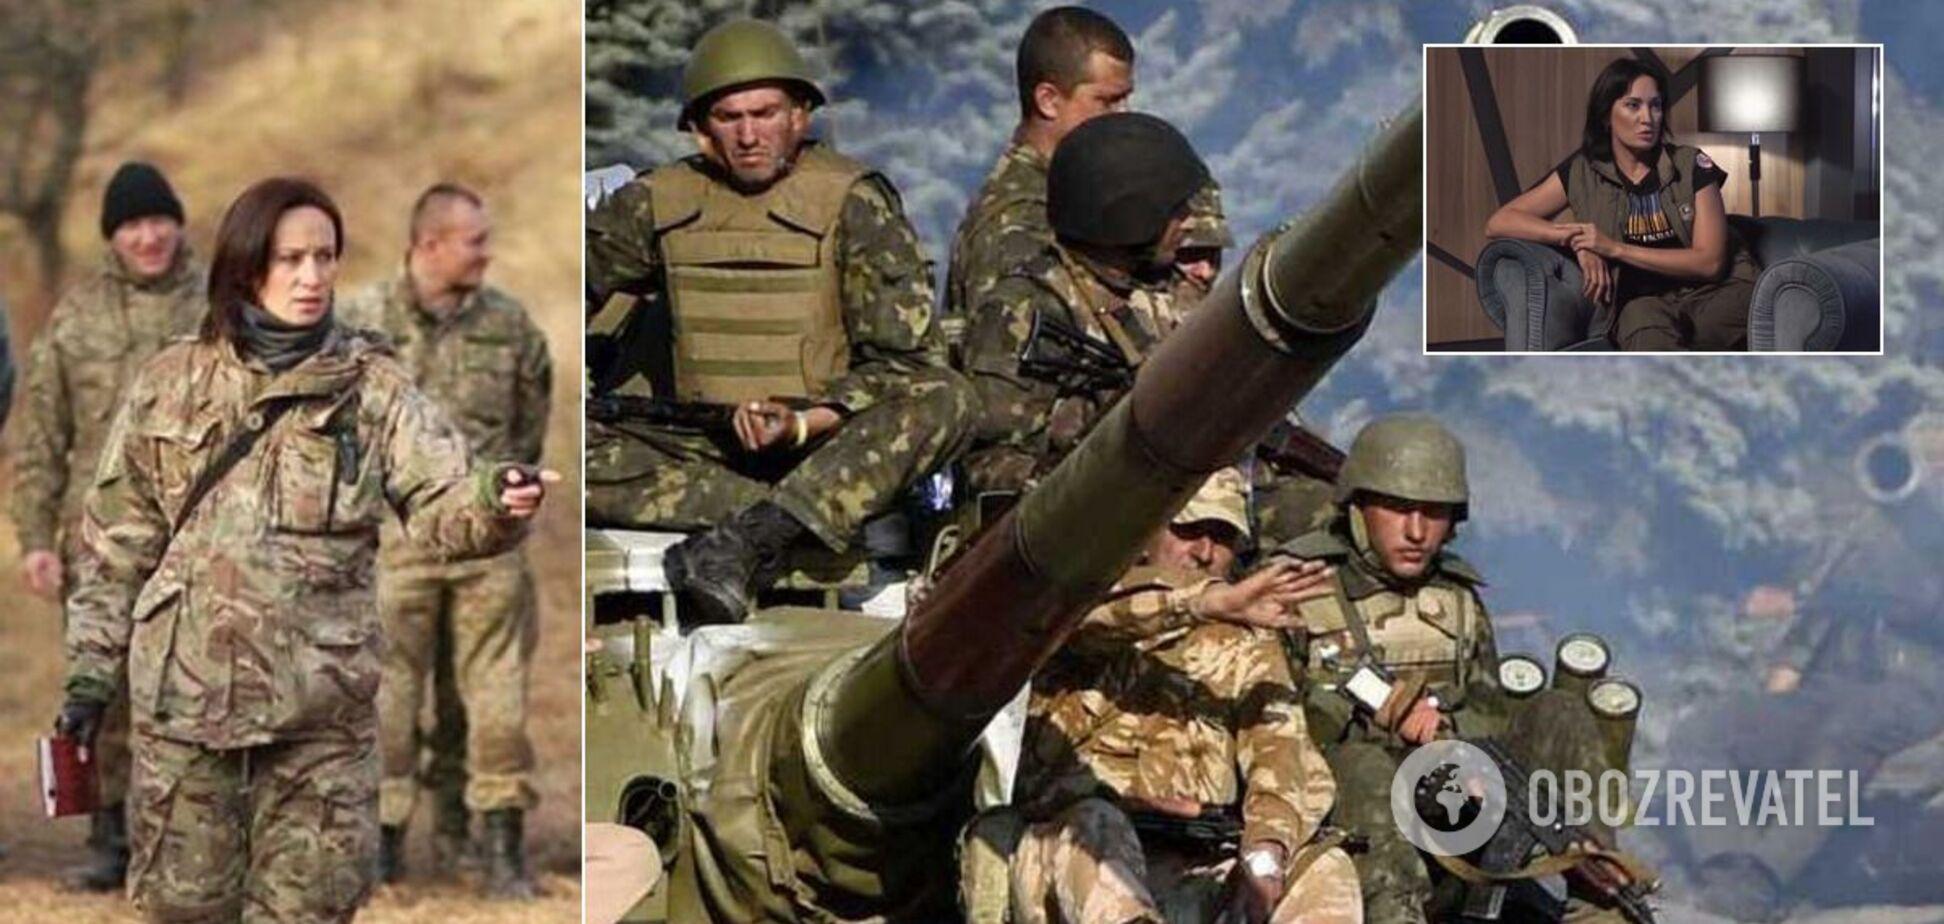 Маруся Зверобой: нормальные люди не пойдут защищать Украину